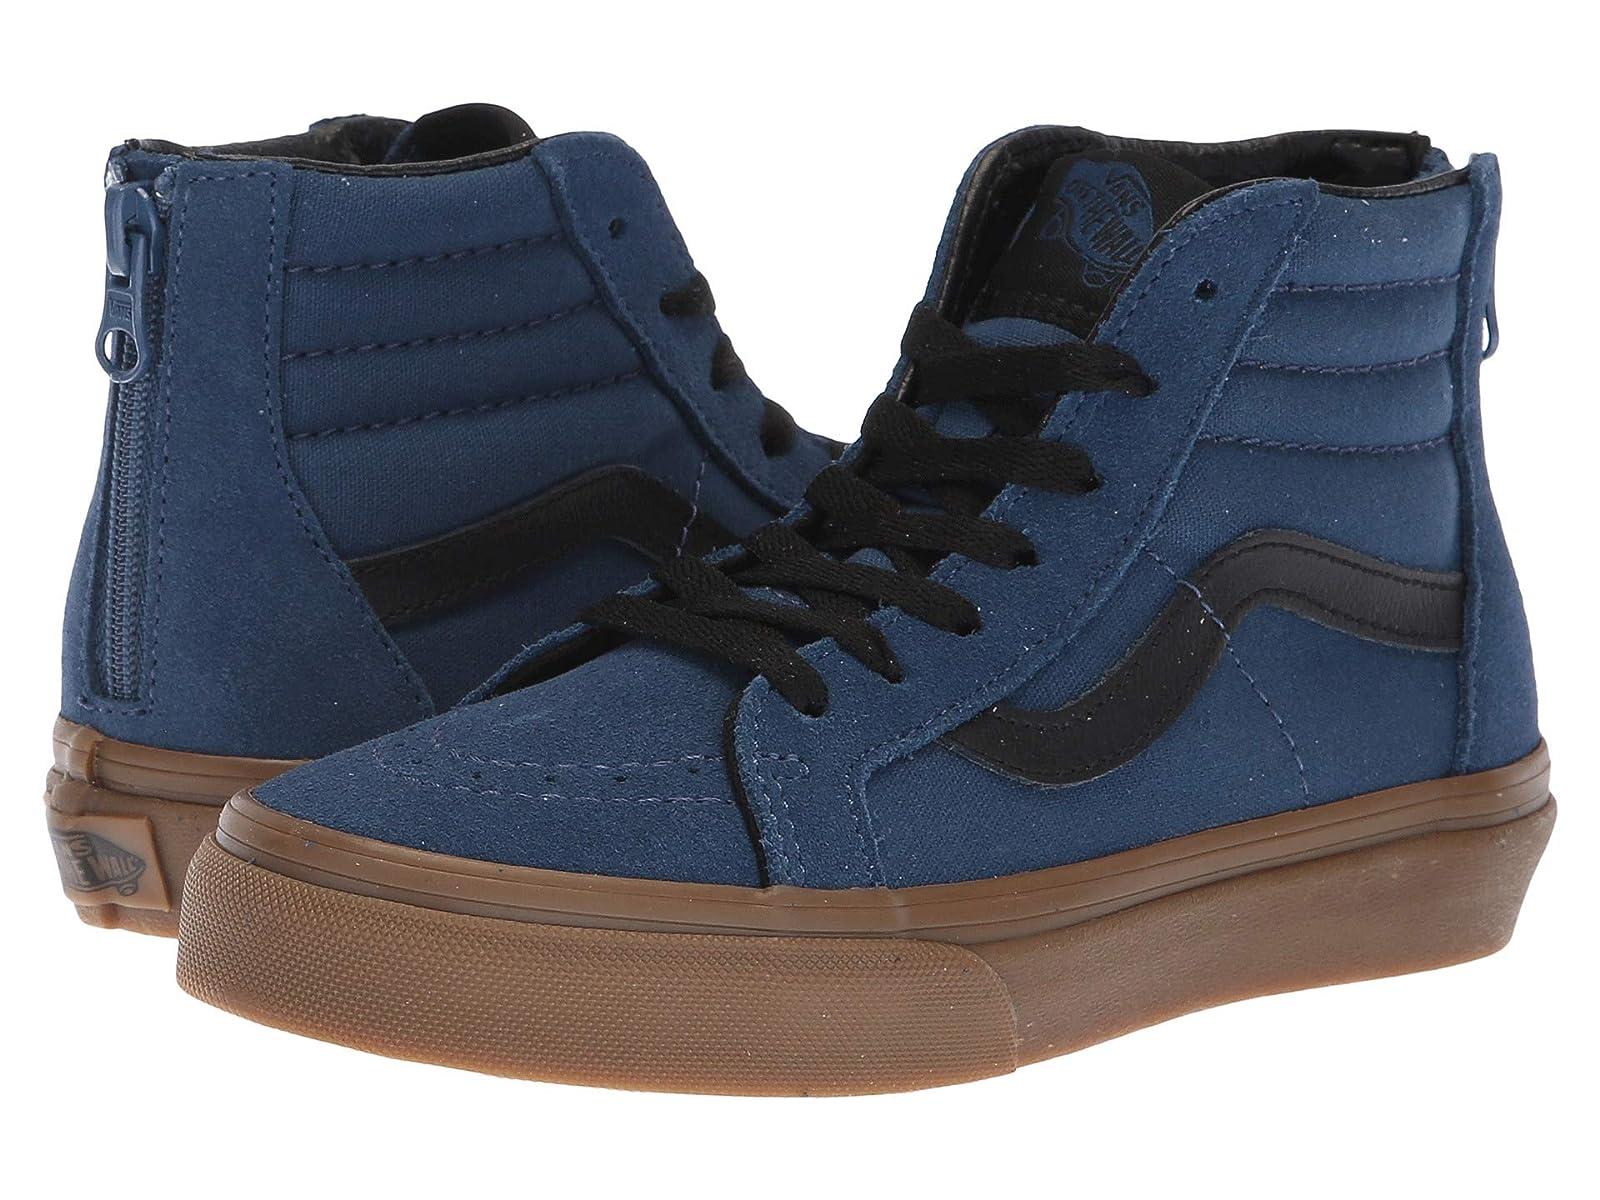 Vans Kids Sk8-Hi Zip (Little Kid/Big Kid)Atmospheric grades have affordable shoes